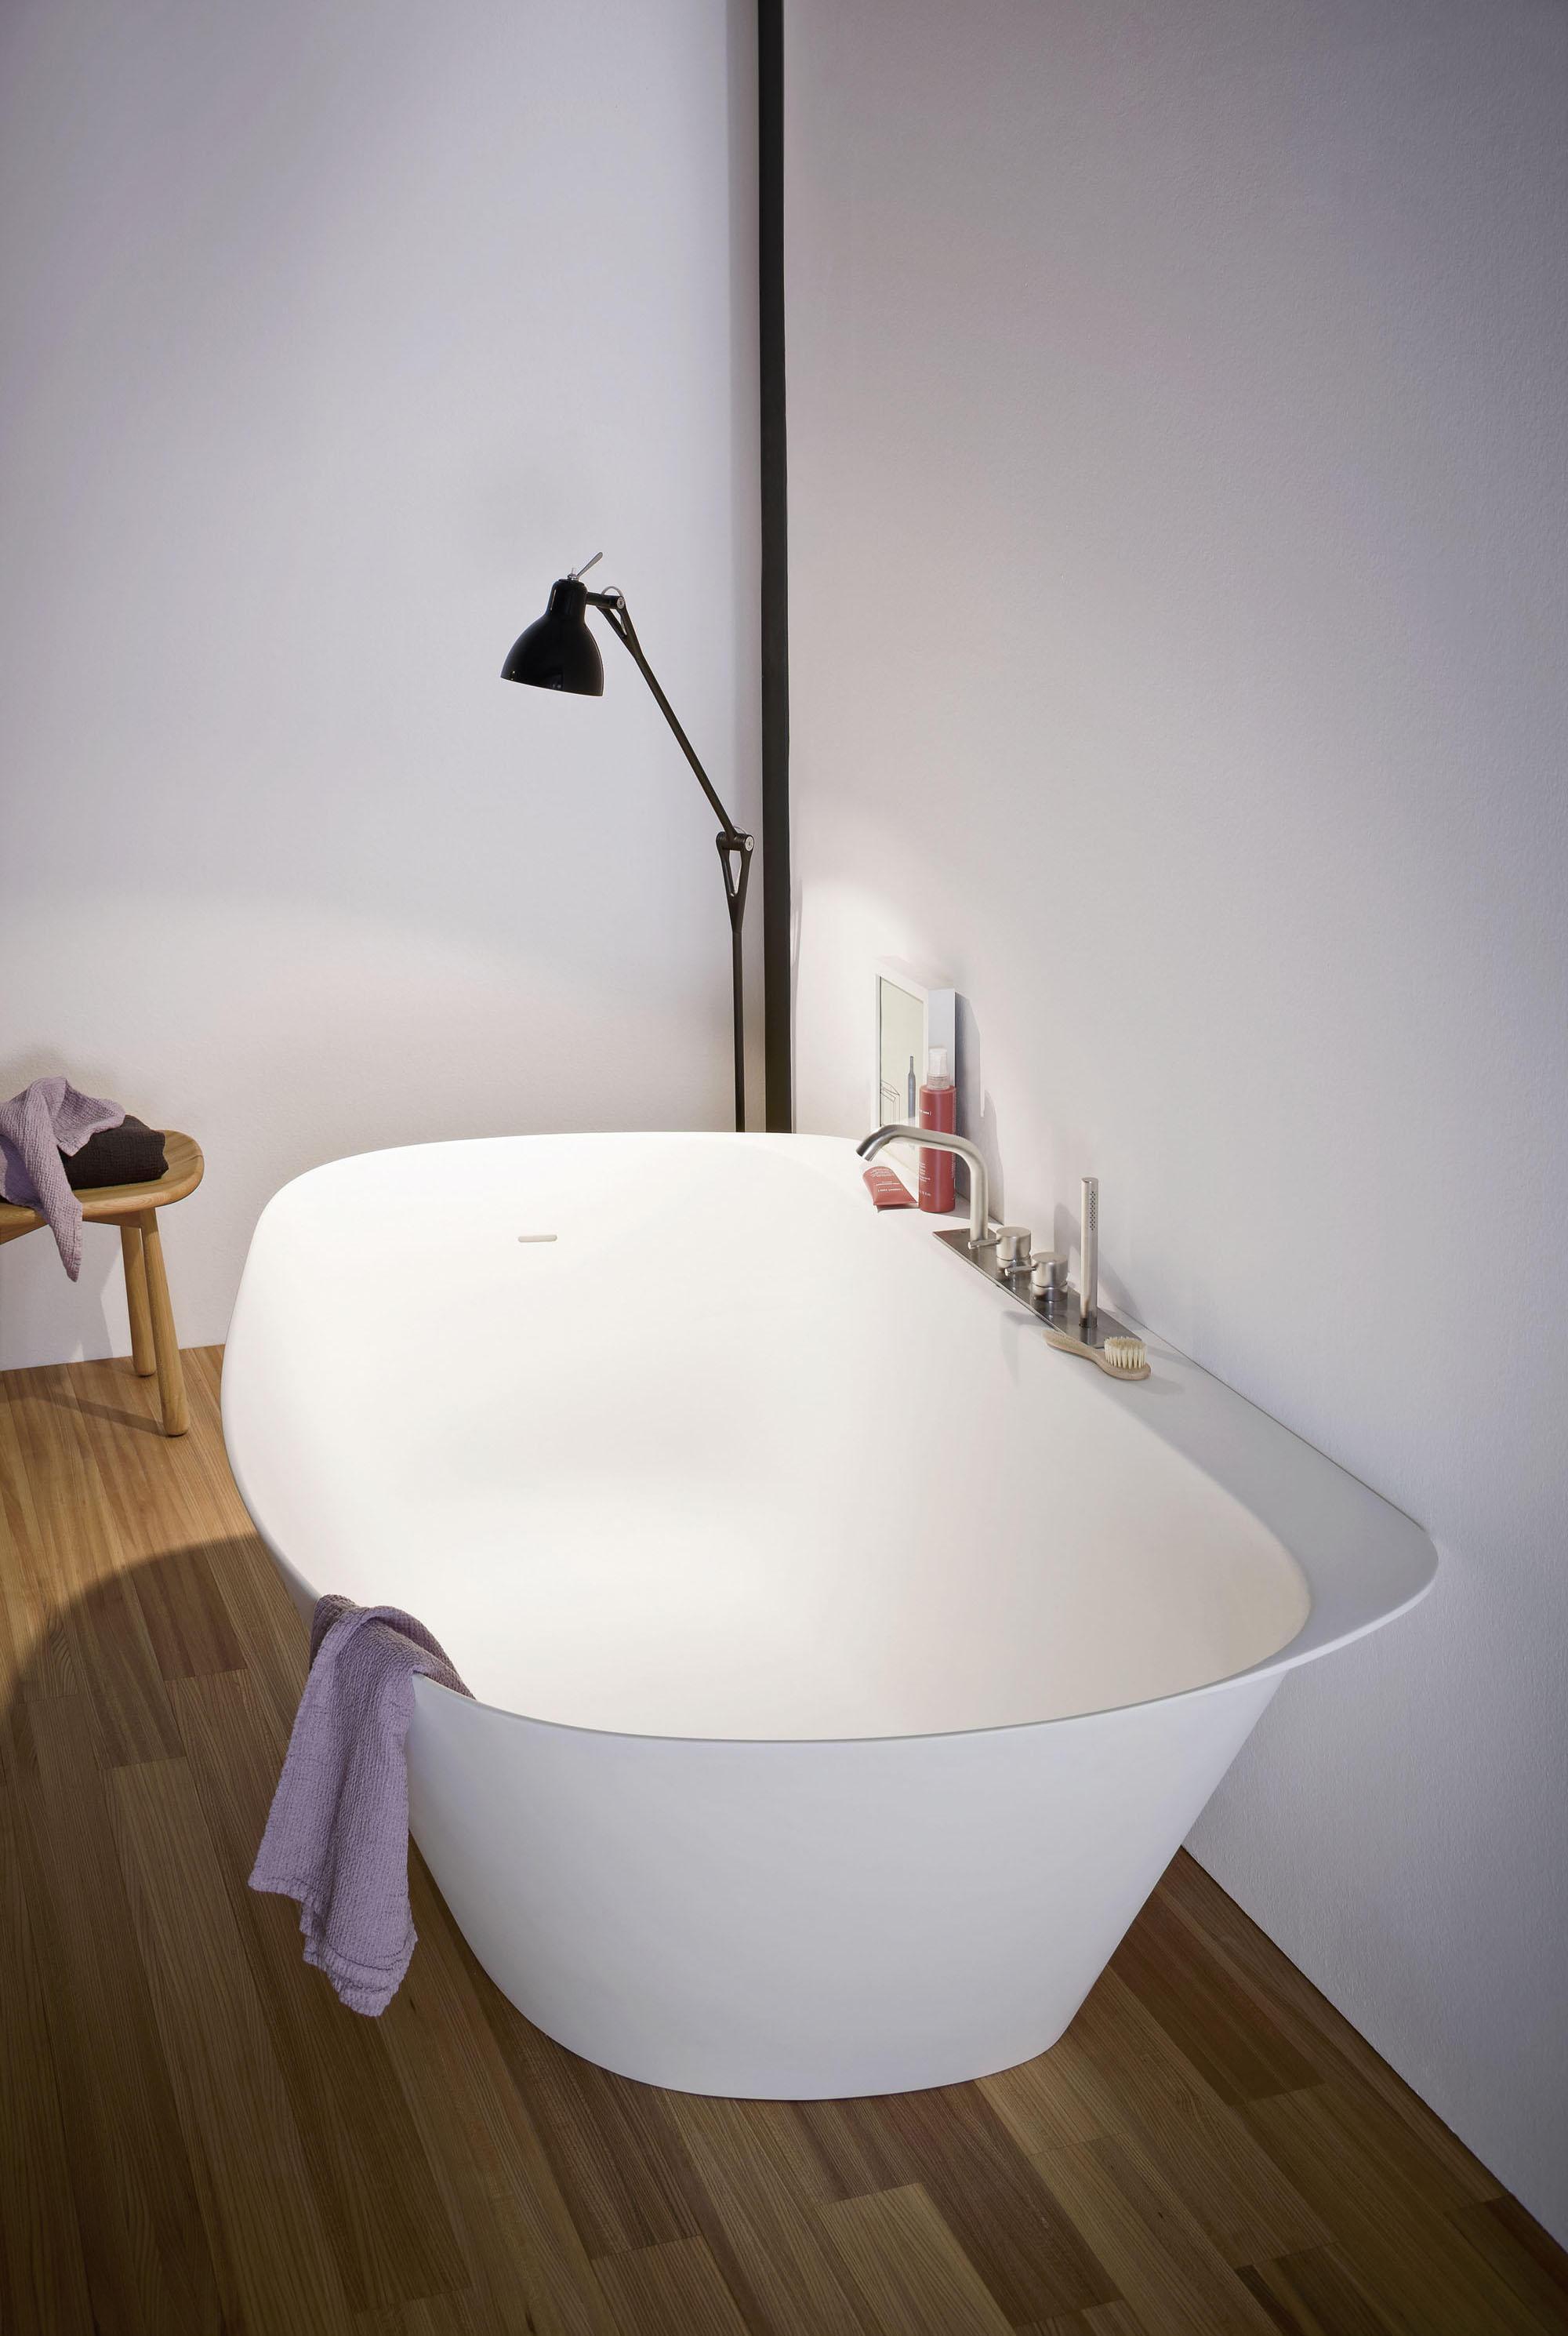 Fonte vasca vasche ovali rexa design architonic - Vasche da bagno ovali ...